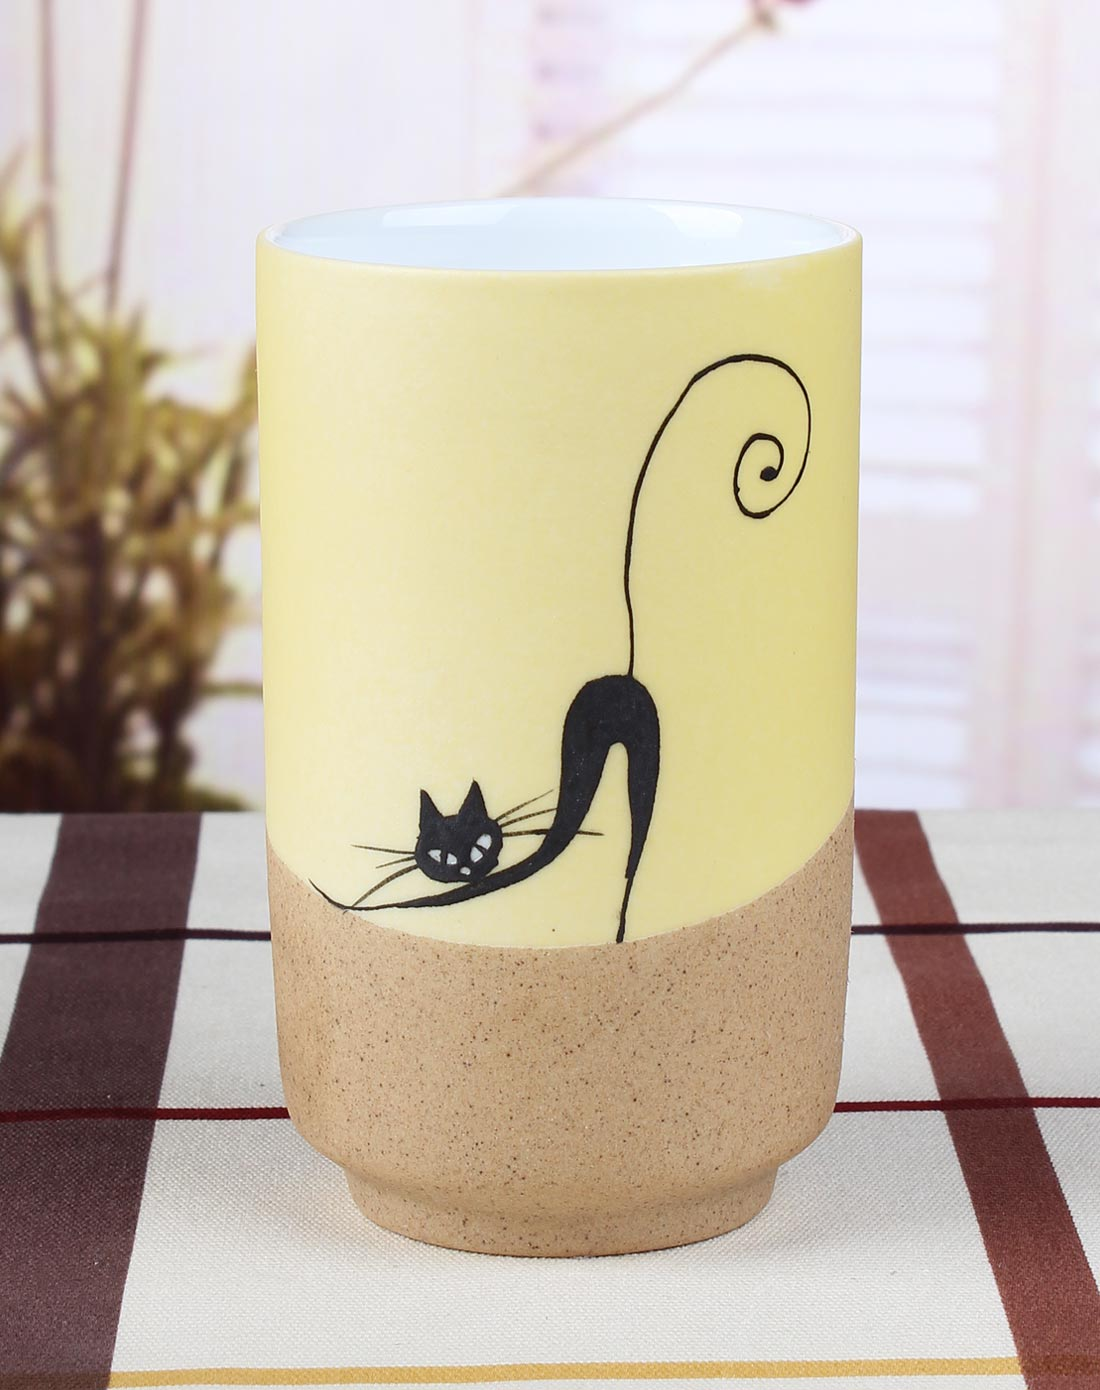 雅工坊家居专场 > 手绘陶瓷杯-性感猫咪图片